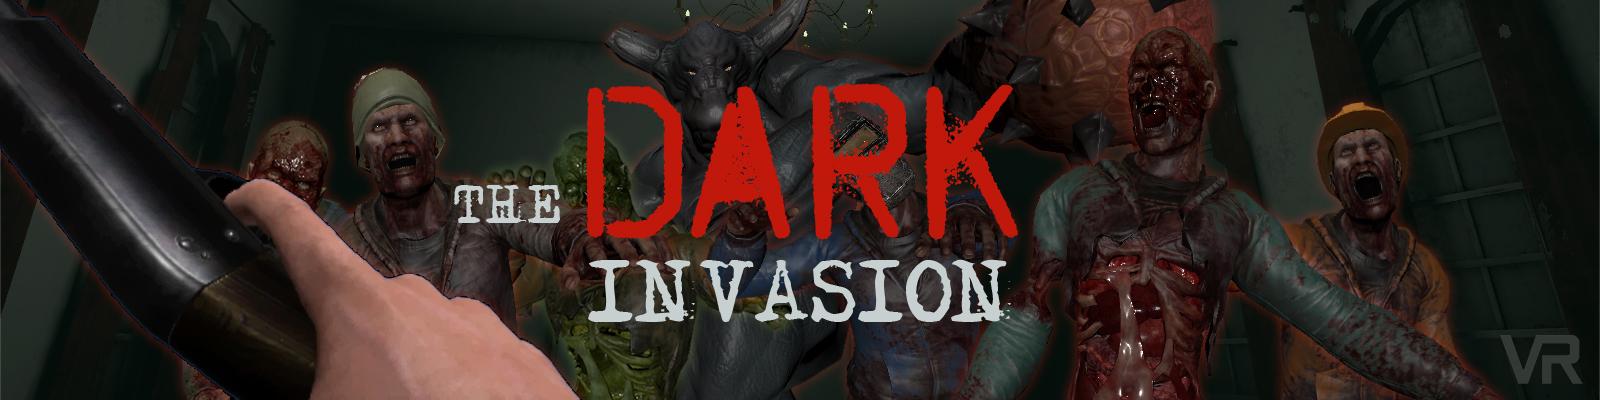 DARK INVASION VR